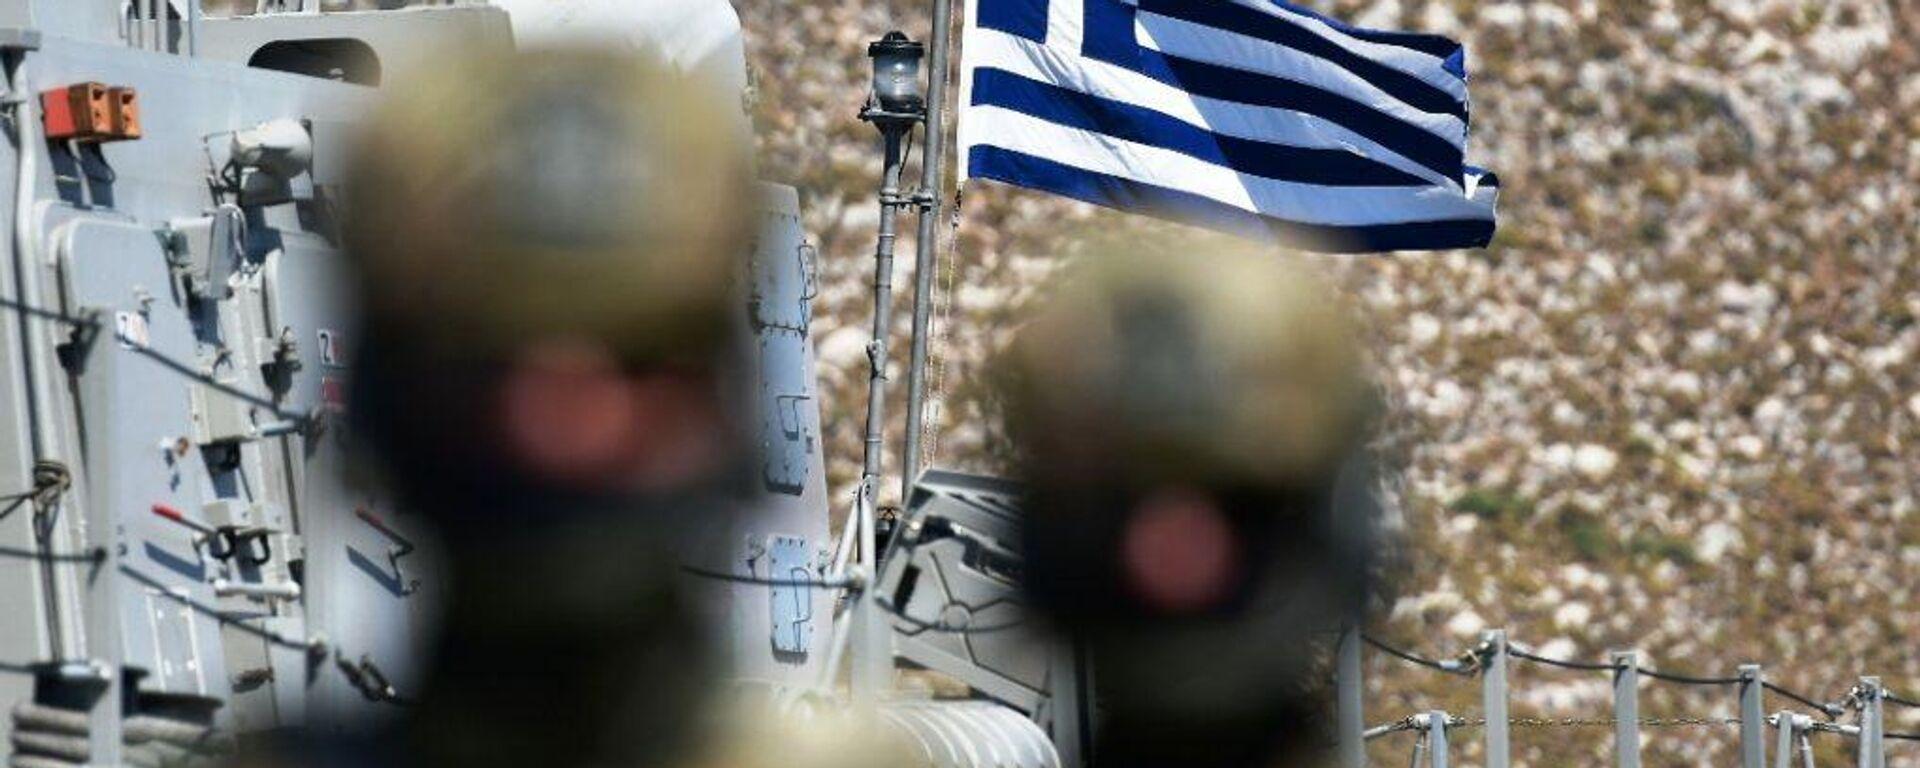 Καστελόριζο - Sputnik Ελλάδα, 1920, 16.09.2021